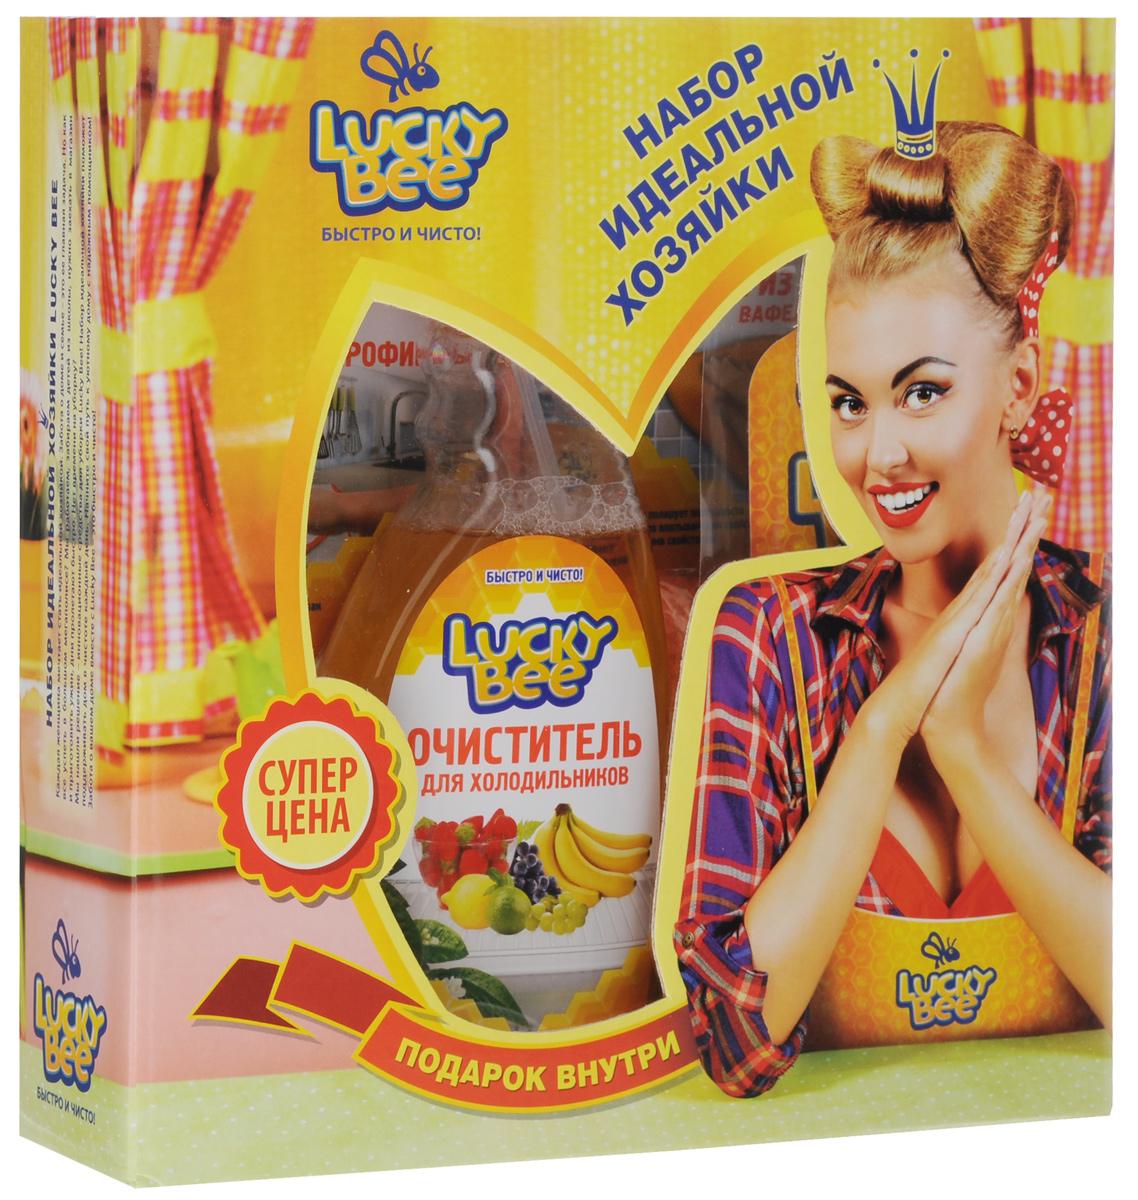 Набор для холодильника Lucky Bee, 3 предмета + ПОДАРОК: Блокнот-магнит на холодильникLB 7502+LB7209+LB7205Набор для холодильника Lucky Bee состоит из очистителя для холодильников, салфетки из микрофибры, блокнота-магнита для записей и вафельной салфетки из микрофибры. Очиститель для холодильников эффективно удаляет загрязнения с внутренних поверхности холодильников и морозильных камер. Уничтожает бактерии, вызывающие неприятные запахи и плесень.Придает обработанным поверхностям блеск и свежий аромат. Не требует смывания водой. Выпускается в форме спрея. Объем: 473 мл. Состав: деминерализованная вода, менее 5%: смесь неионогенных и анионных ПАВ, усилитель блеска, этилцеллозольв, нейтрализатор запахов, консервант, отдушка, краситель. Уникальная салфетка изготовлена из синтетических микроволокон. Изделие устойчиво к истиранию и отличается своей сверхмягкостью. Микрофибра многократно превосходит большинство тканей по влагопоглощающим свойствам благодаря особенности захватывать и удерживать жидкость. Салфетка деликатно удаляет загрязнения с любых поверхностей с использованием чистящих средств или без них. Обладает антистатическими свойствами. Не оставляет разводов и ворсинок. Можно стирать при t 40 °C. Размер салфетки: 40 х 40 см. Плотность: 300 г/м2. Материал: микрофибра. Вафельная салфетка изготовлена из фактурной микрофибры. Прочные нити основания бережно отслаивают частицы загрязнений. Высокопрочные полимерные волокна ткани устойчивы к истиранию и деформации. Салфетка быстро удаляет сложные загрязнения с кухонных плит, холодильников и другой бытовой техники, кафеля, сантехники, водонапорных кранов. Не оставляет разводов и ворсинок. Можно стирать при температуре 40°C. Размер салфетки: 55 х 60 см. Плотность: 300 г/м2. Материал: микрофибра. Блокнот-магнит Быстро и чисто с отрывным блокнотом для записей. Листы оформлены в виде бланков с полями для заполнения.